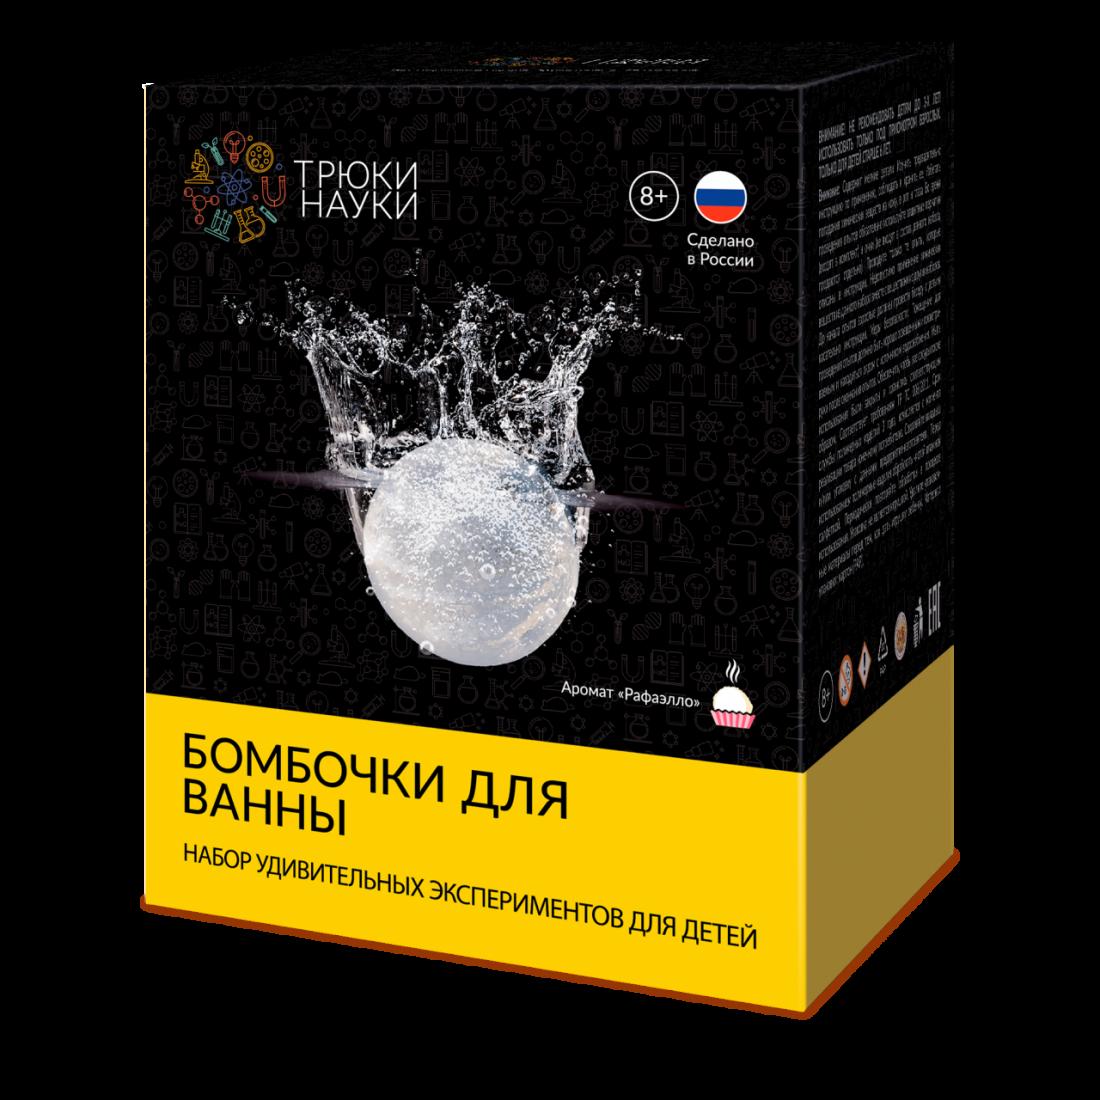 Набор ТРЮКИ НАУКИ Z113 Бомбочки для ванны (рафаэлло)